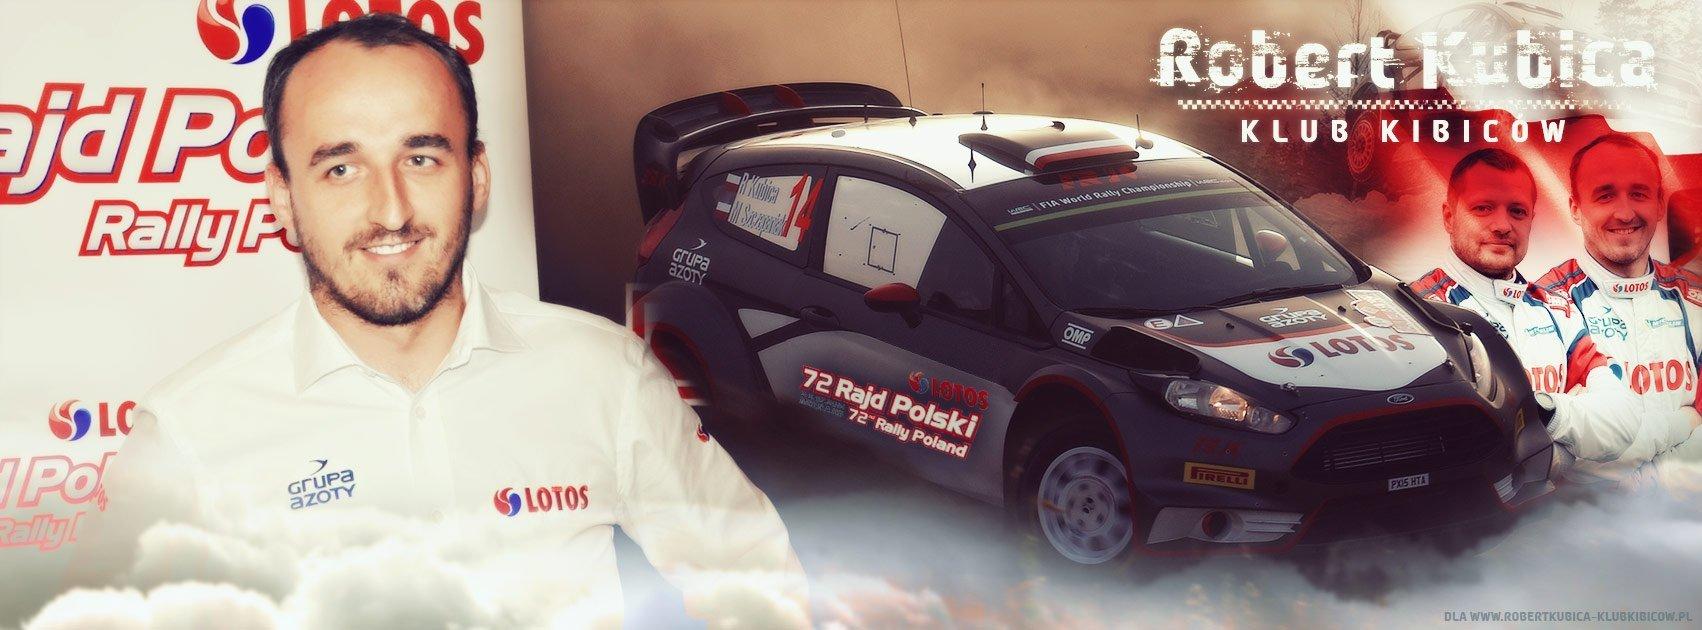 RK - Rajd Polski 2015